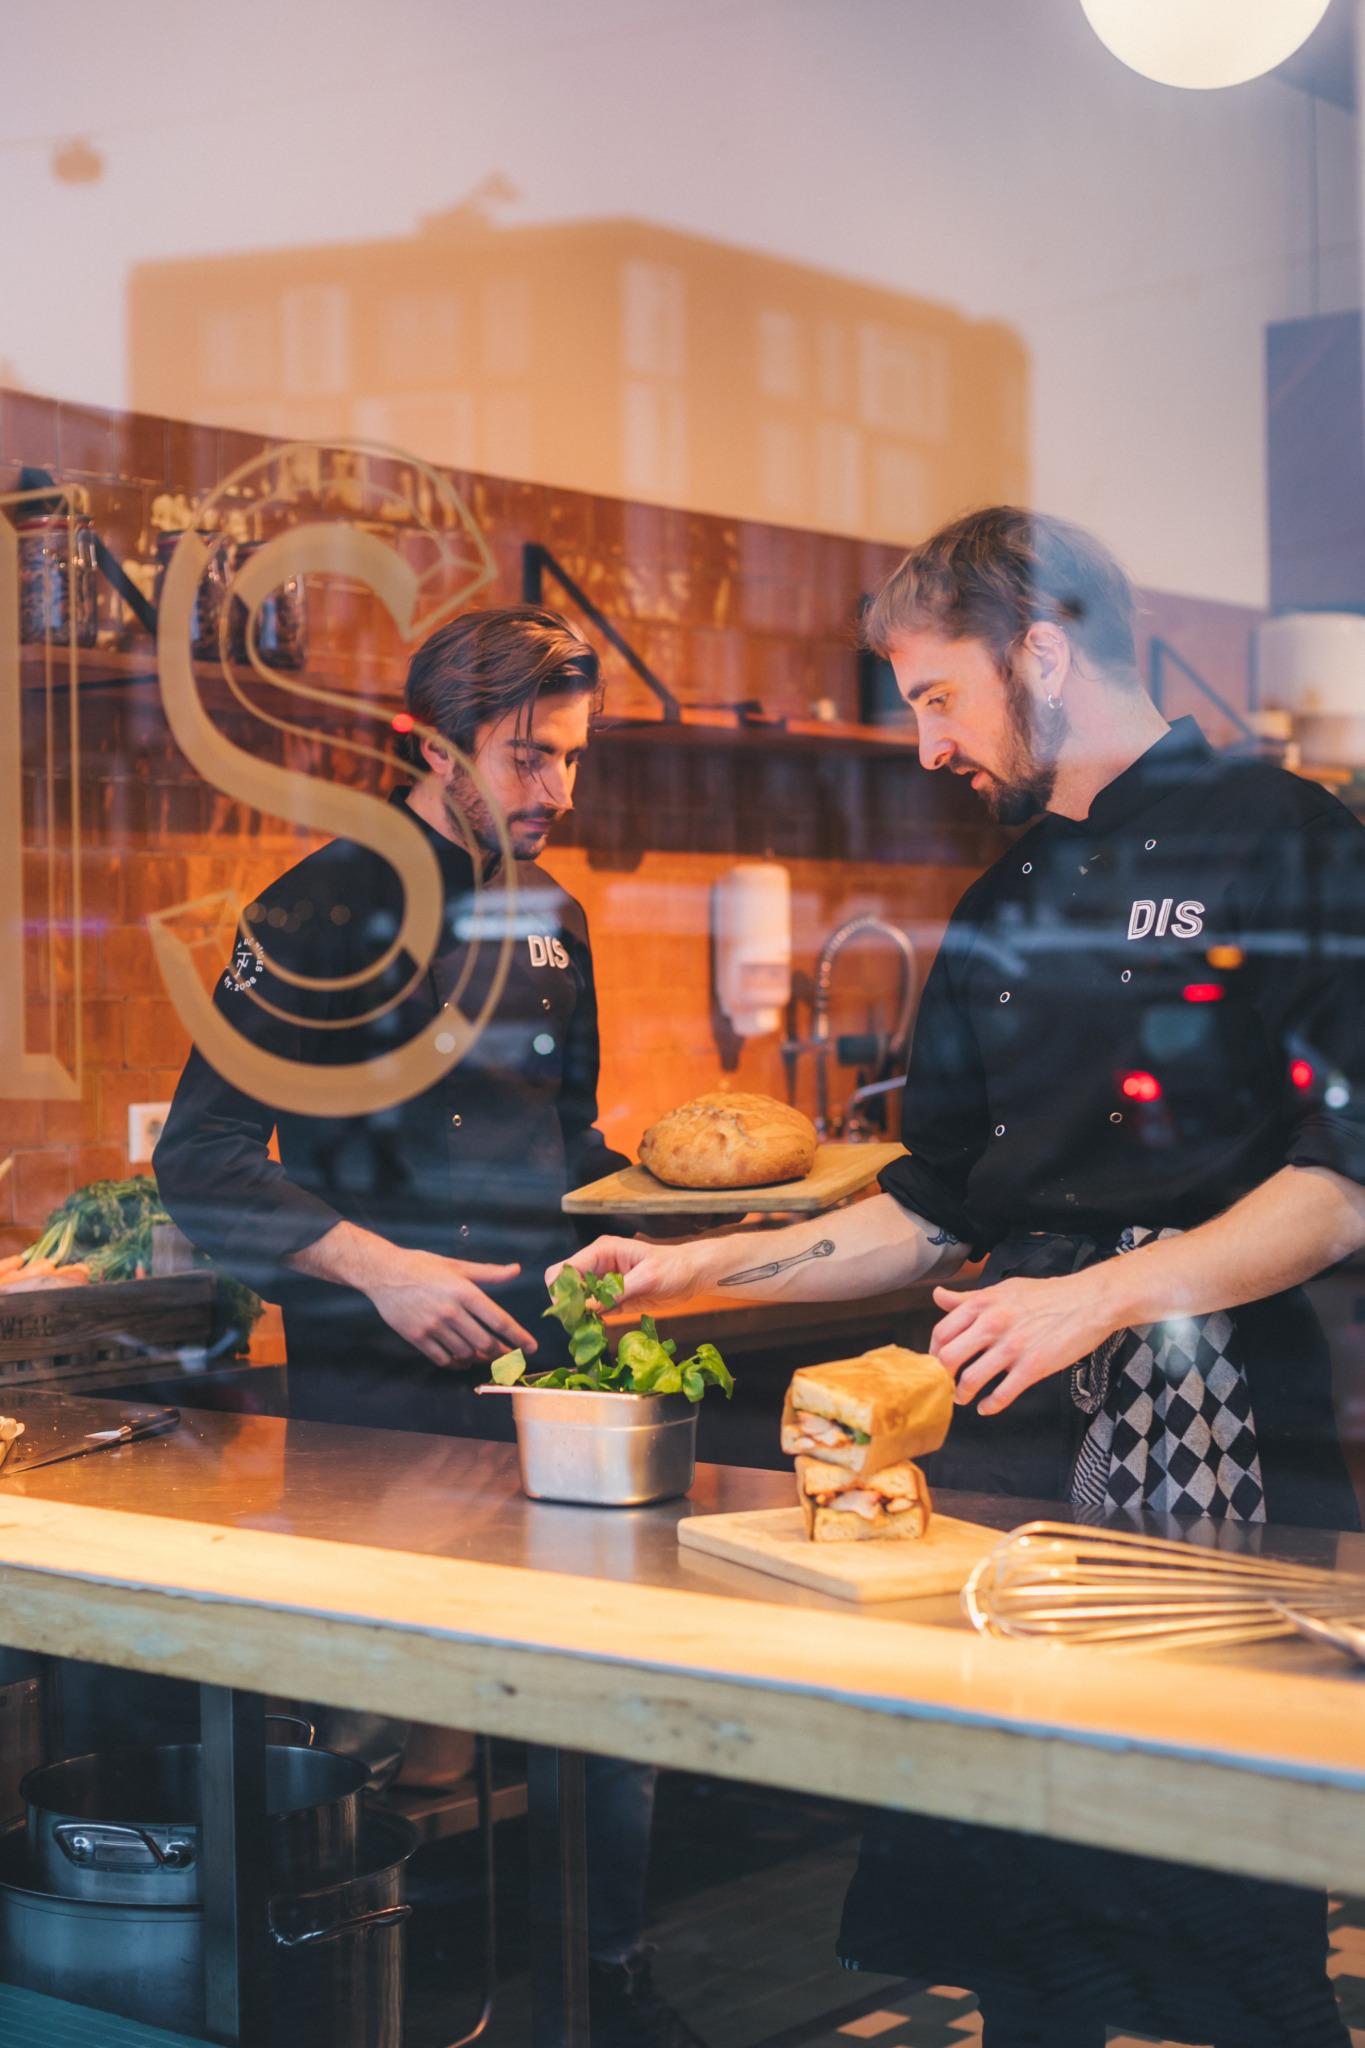 DIS werknemers in de keuken